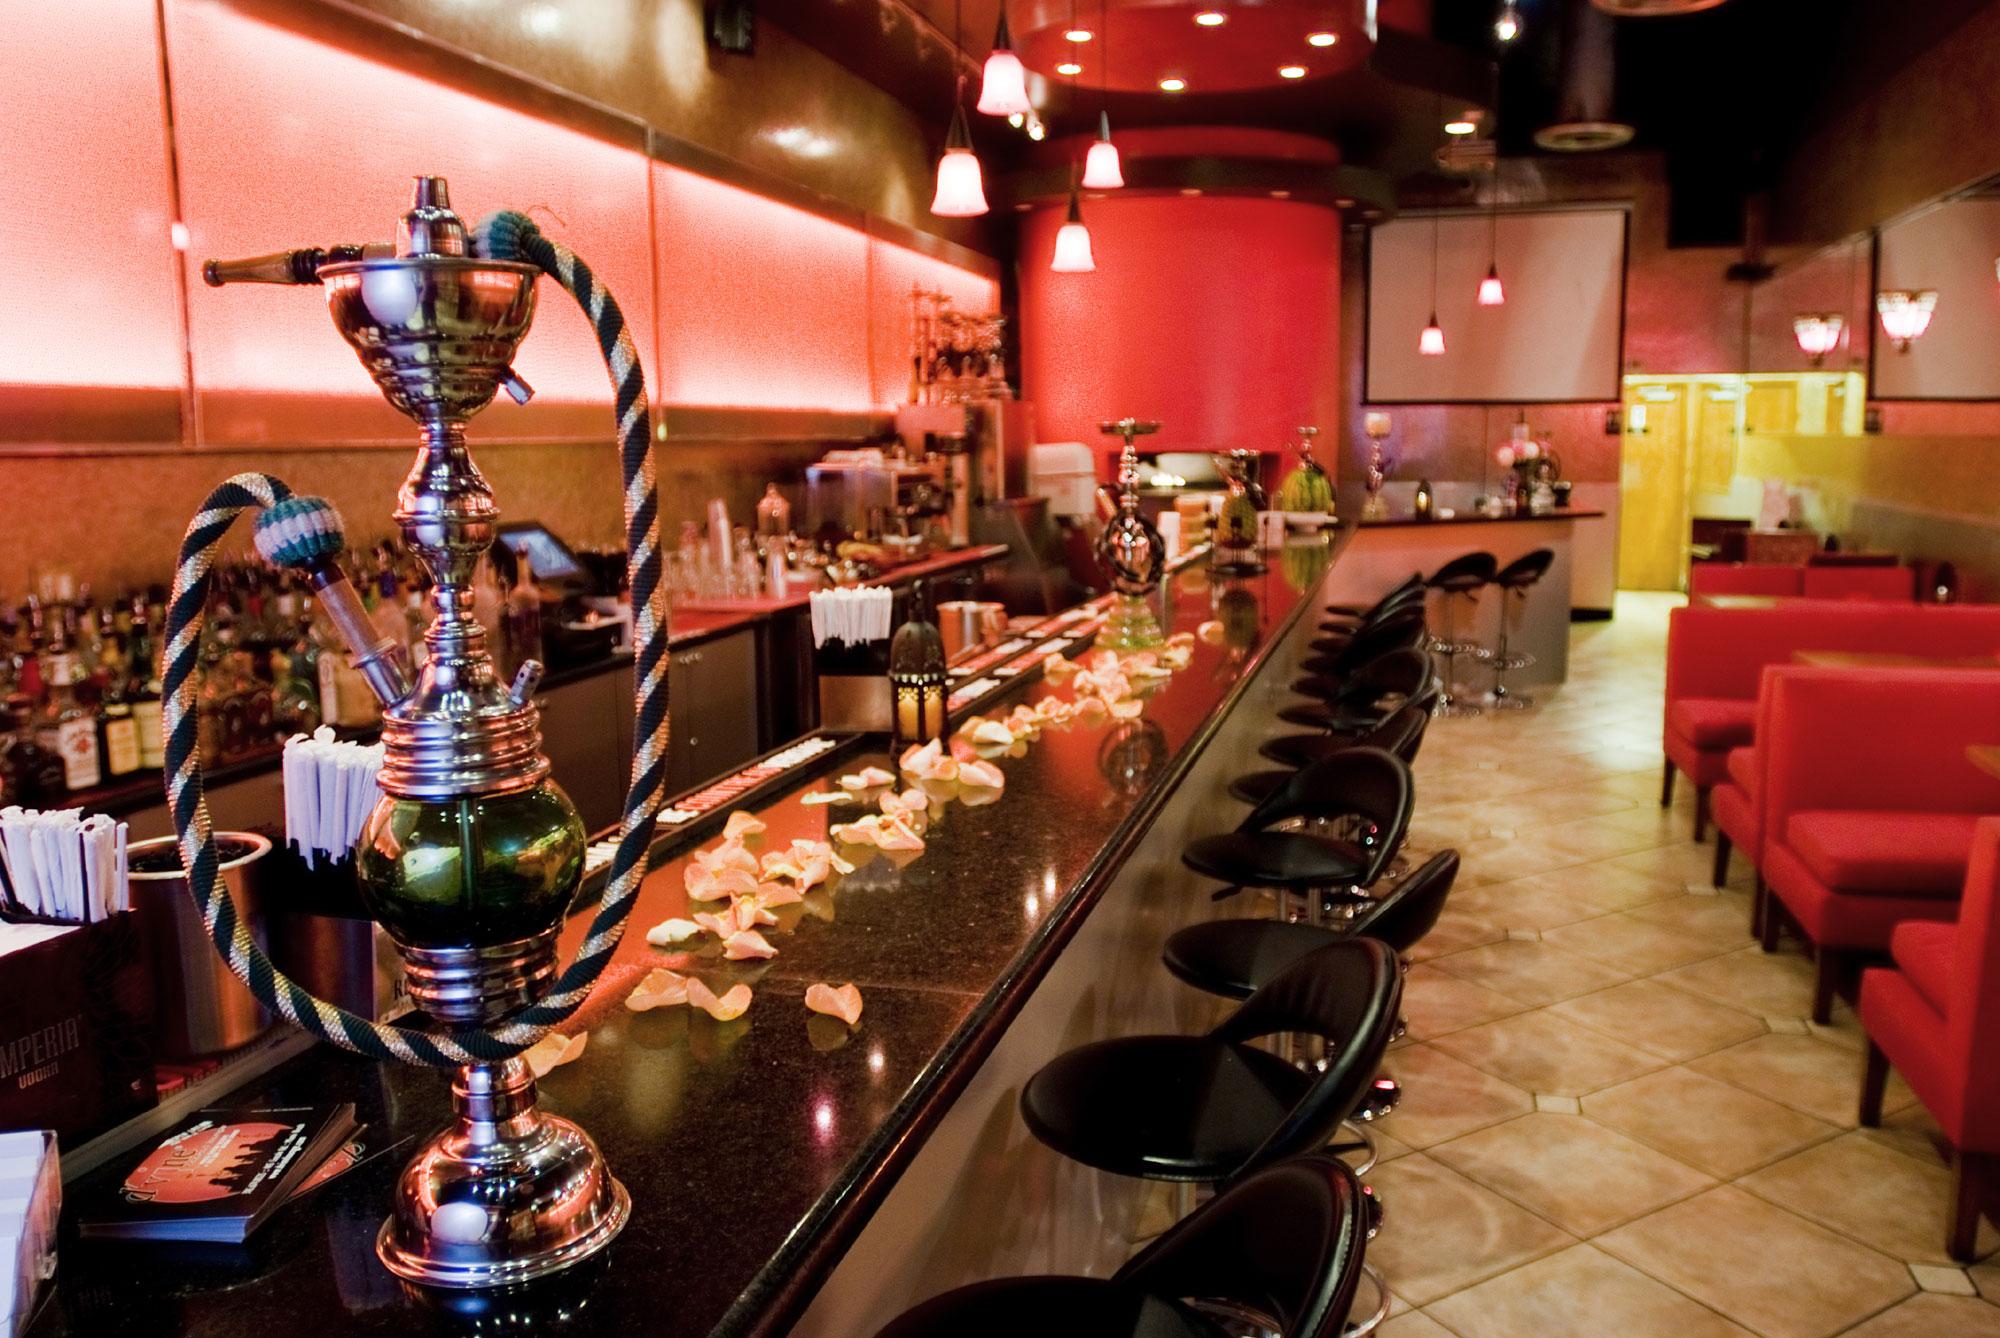 Nargile Cafe Dekorasyon örnekleri.